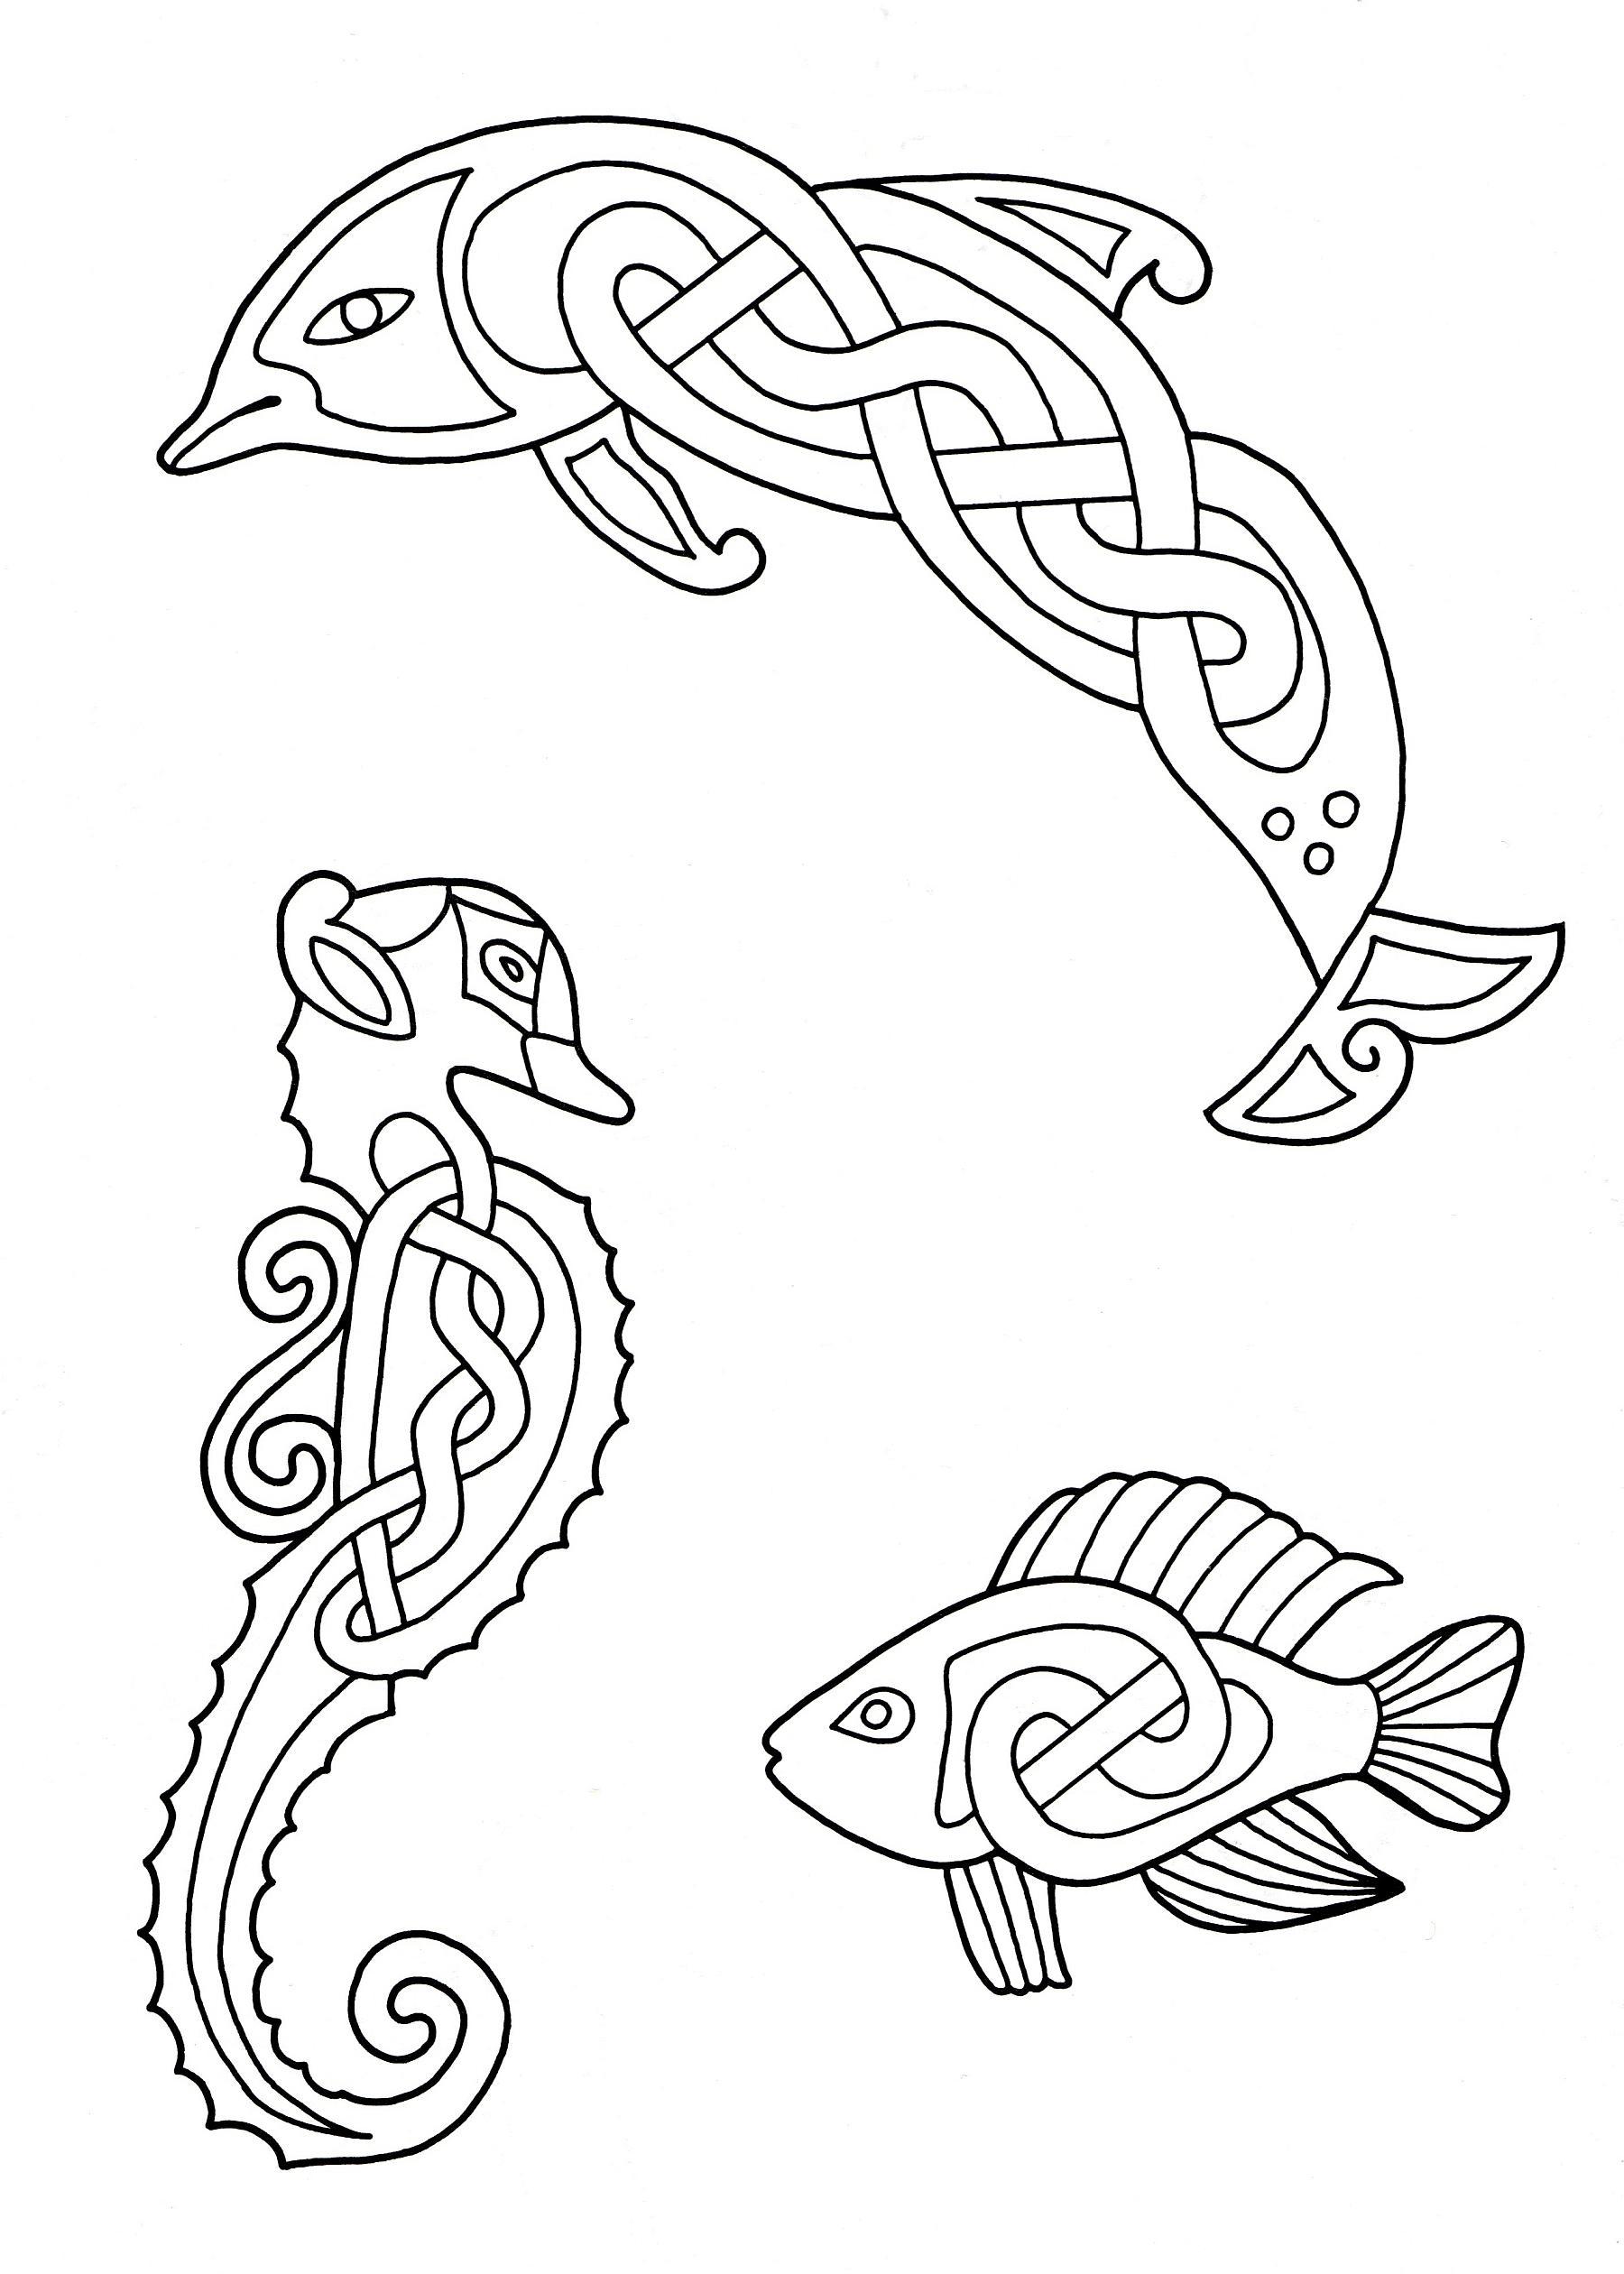 3 animaux dessinés avec des éléments entrelacés